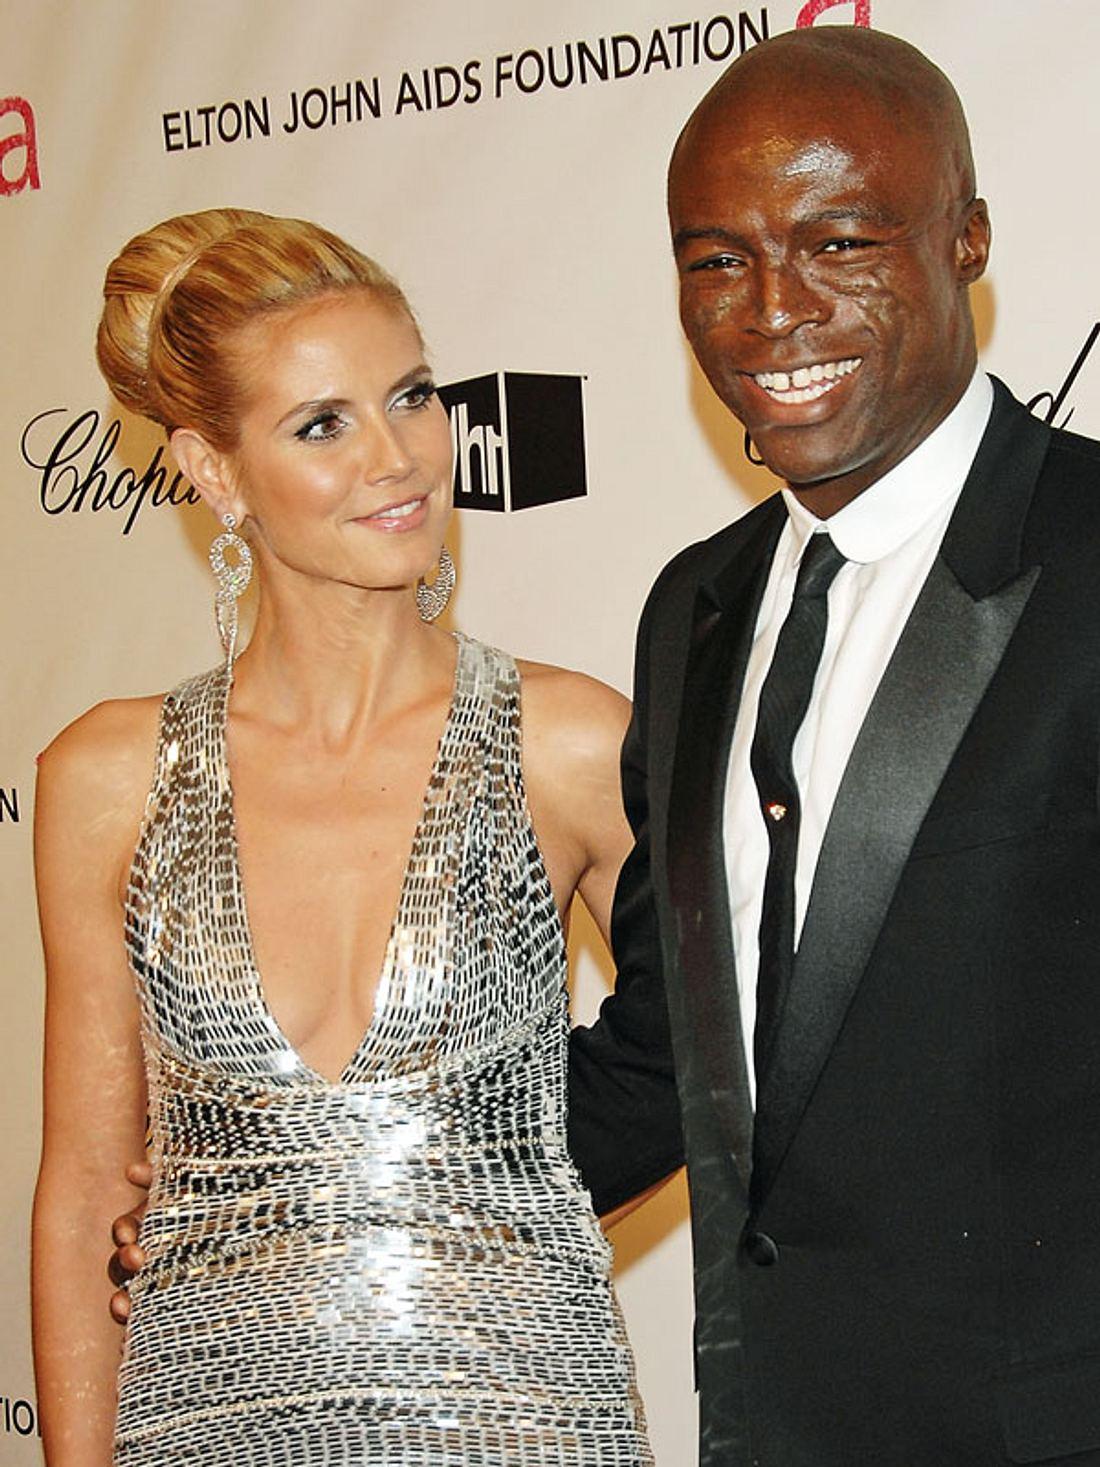 ,Am 4. Mai 2004 brachte Heidi Klum ihre erste Tochter Leni zur Welt. Am 10. Mai 2005 heiratete sie in Mexiko den britischen Sänger Seal.